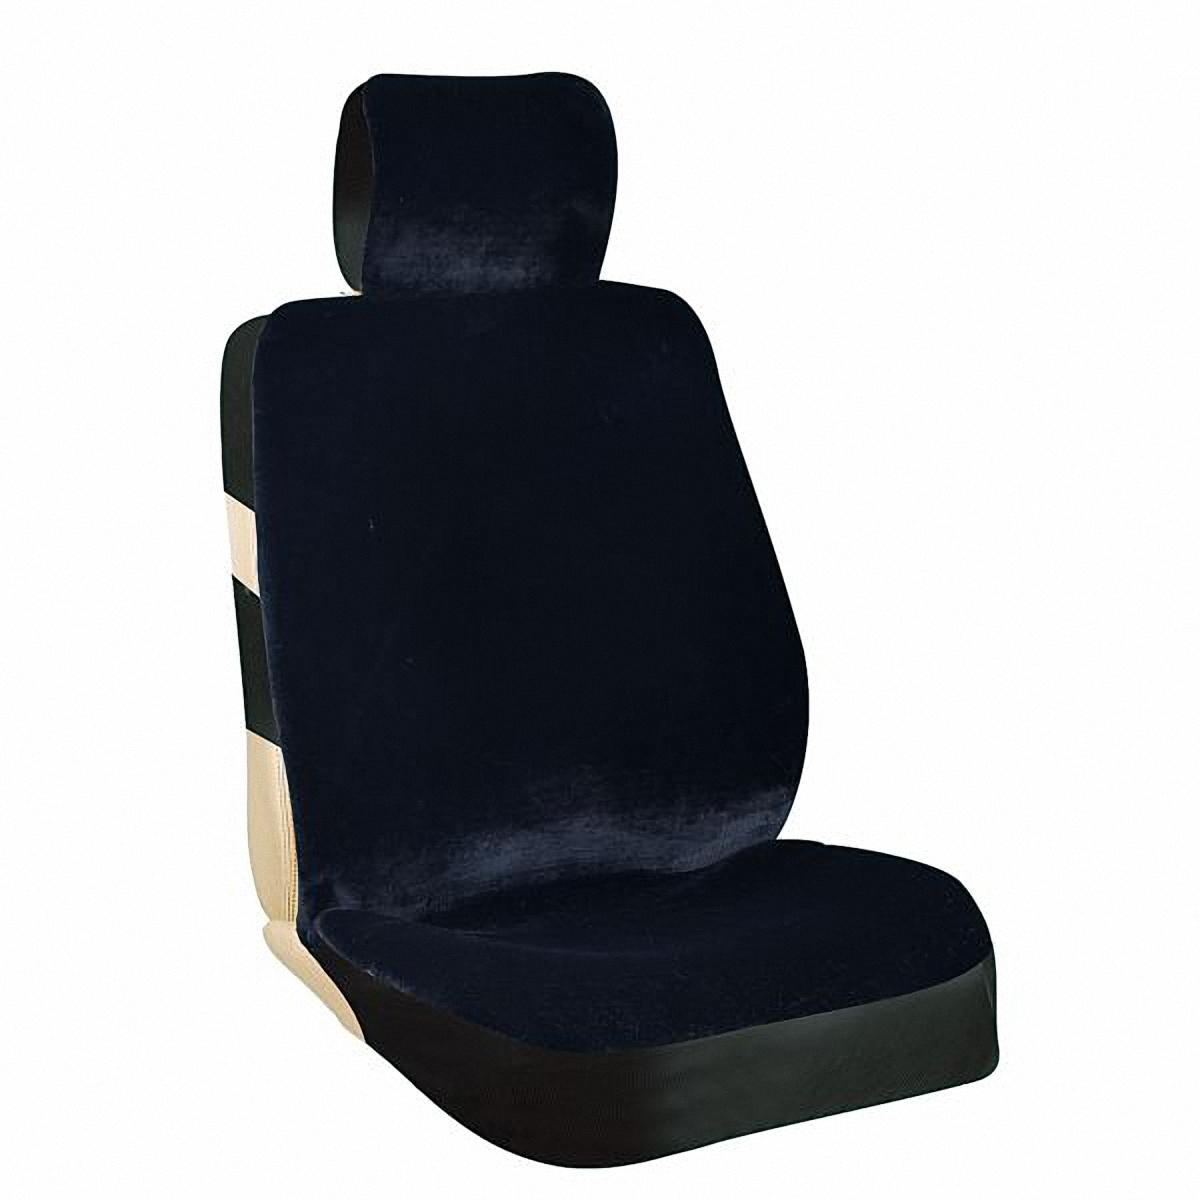 Чехол на сиденье Skyway, 2 шт. S030010751103Комплект чехлов на сиденья Skyway выполнен из искусственного мутона, благодаря которому чехлы сохраняют свою форму. Многослойная структура изделия и спинка из тонкой тянущейся ткани позволяют максимально точно повторять контур сидений, делая чехлы универсальными.Крепятся при помощи резинок и пластиковых креплений. Комплект из двух предметов со слитной схемой надевания и подголовником быстро устанавливаются. Искусственный мутон сохраняет тепло, чехол не скользит по сиденью.Комплектация:Чехлы для передних сидений 2 шт.Характеристики:Основной материал - искусственный мутон/тканьНаполнитель - триплированный* поролон 5 ммСлитный подголовник - даЦвет - черныйКарманы в спинках передних сидений - даКрепление - пластиковое крепление/резинкиСлитная схема надевания - даРазмеры: Длина чехла - 137 смШирина спинки - 56 смШирина сиденья - 54 смШирина подголовника - 26 смТриплированный поролон - высокотехнологичных материалов в три слоя с завершающей основой, благодаря которой поролон не сыпется и сохраняет свою форму.Чехлы являются универсальными. Эластичный материал на спинках и по бокам тянется, позволяя максимально точно повторять контур сидений.